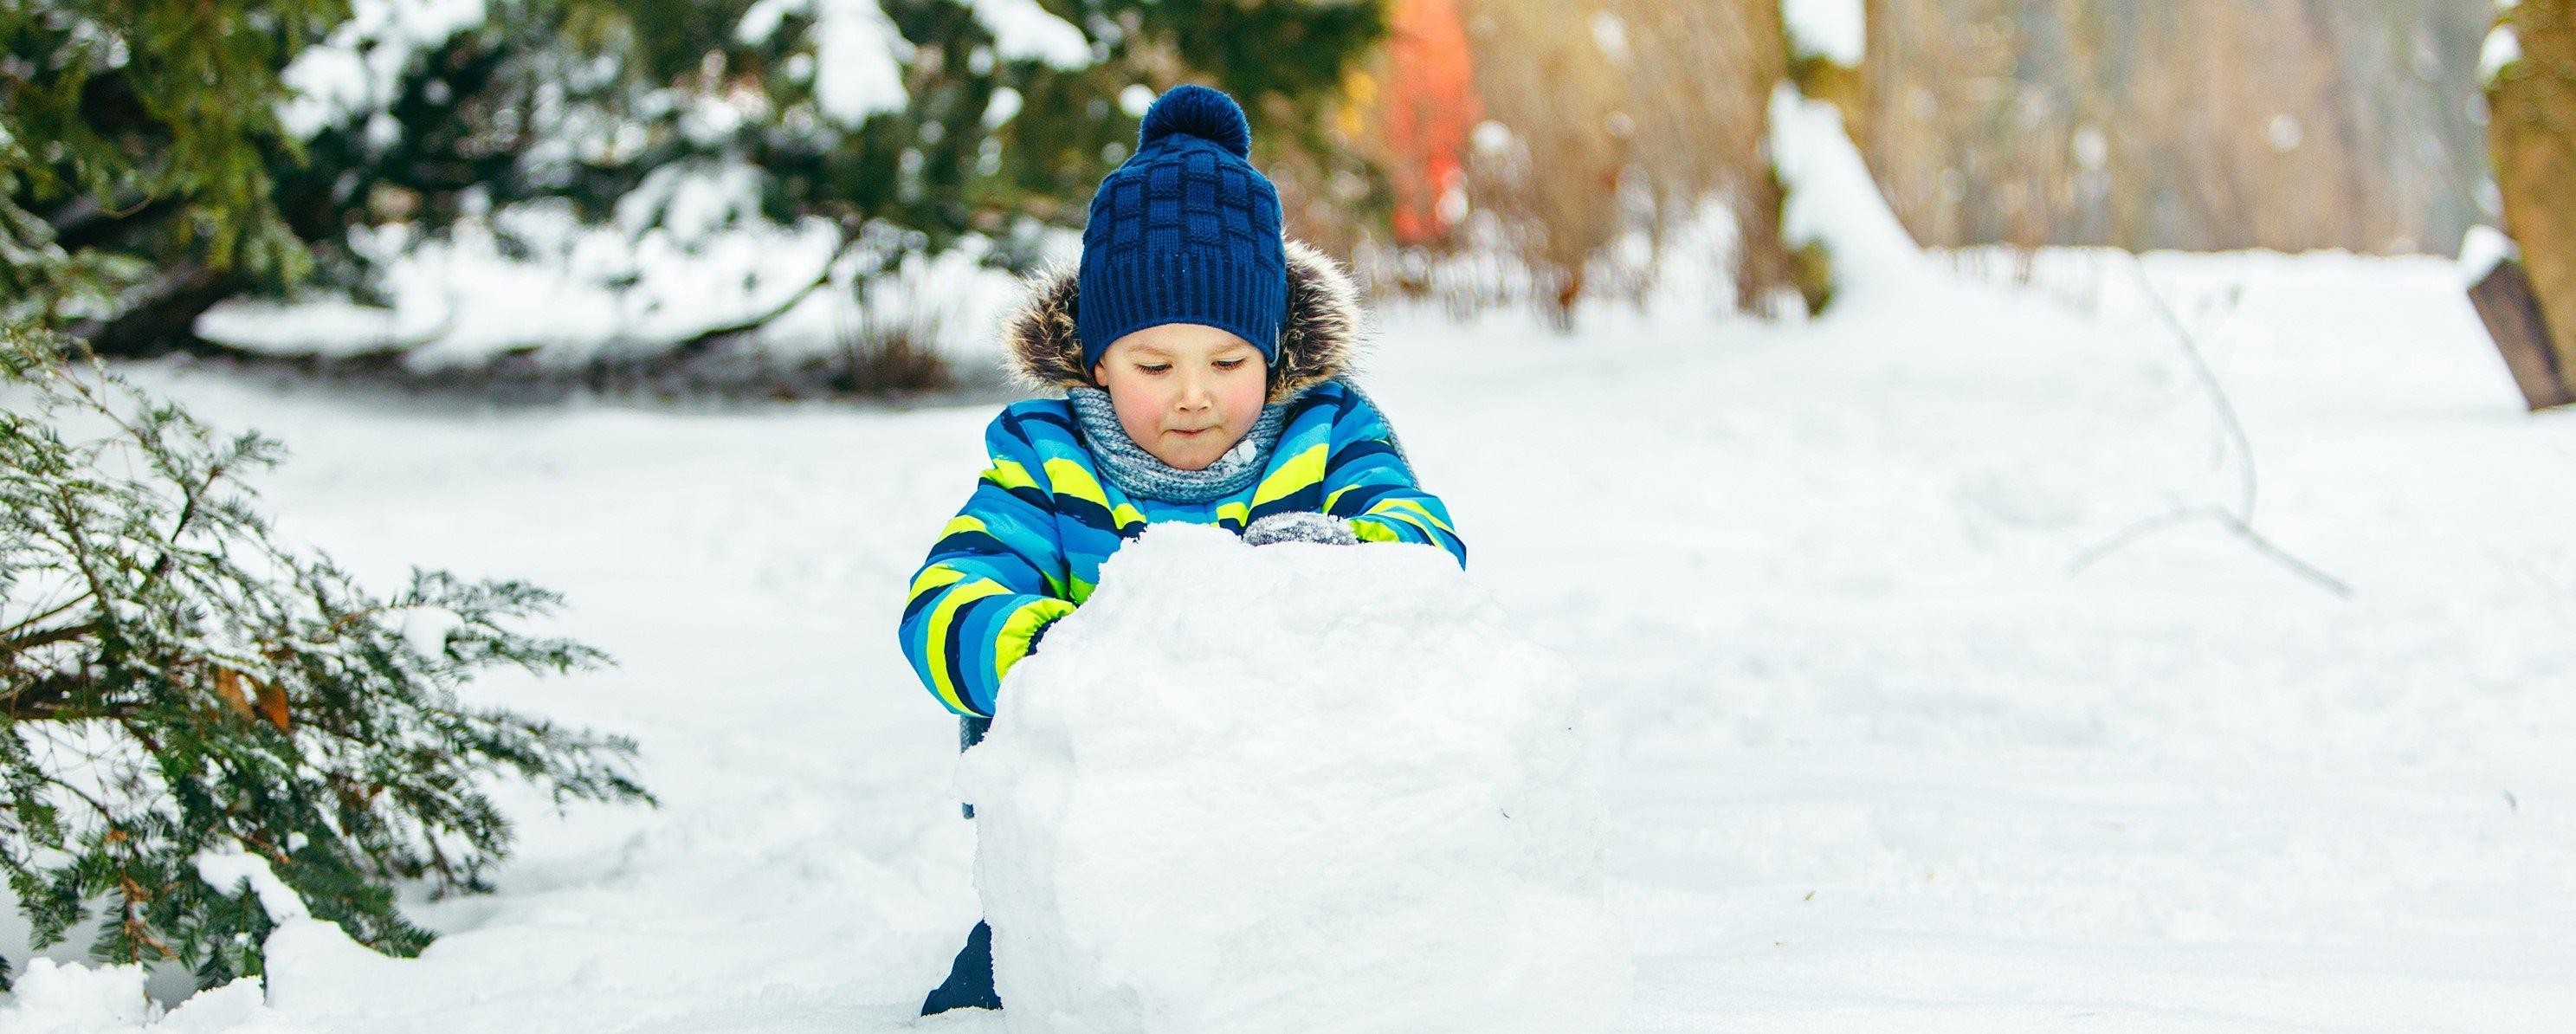 Bei idealen Bedingungen lässt sich Schnee zu riesigen Kugeln rollen. Quelle: WetterOnline